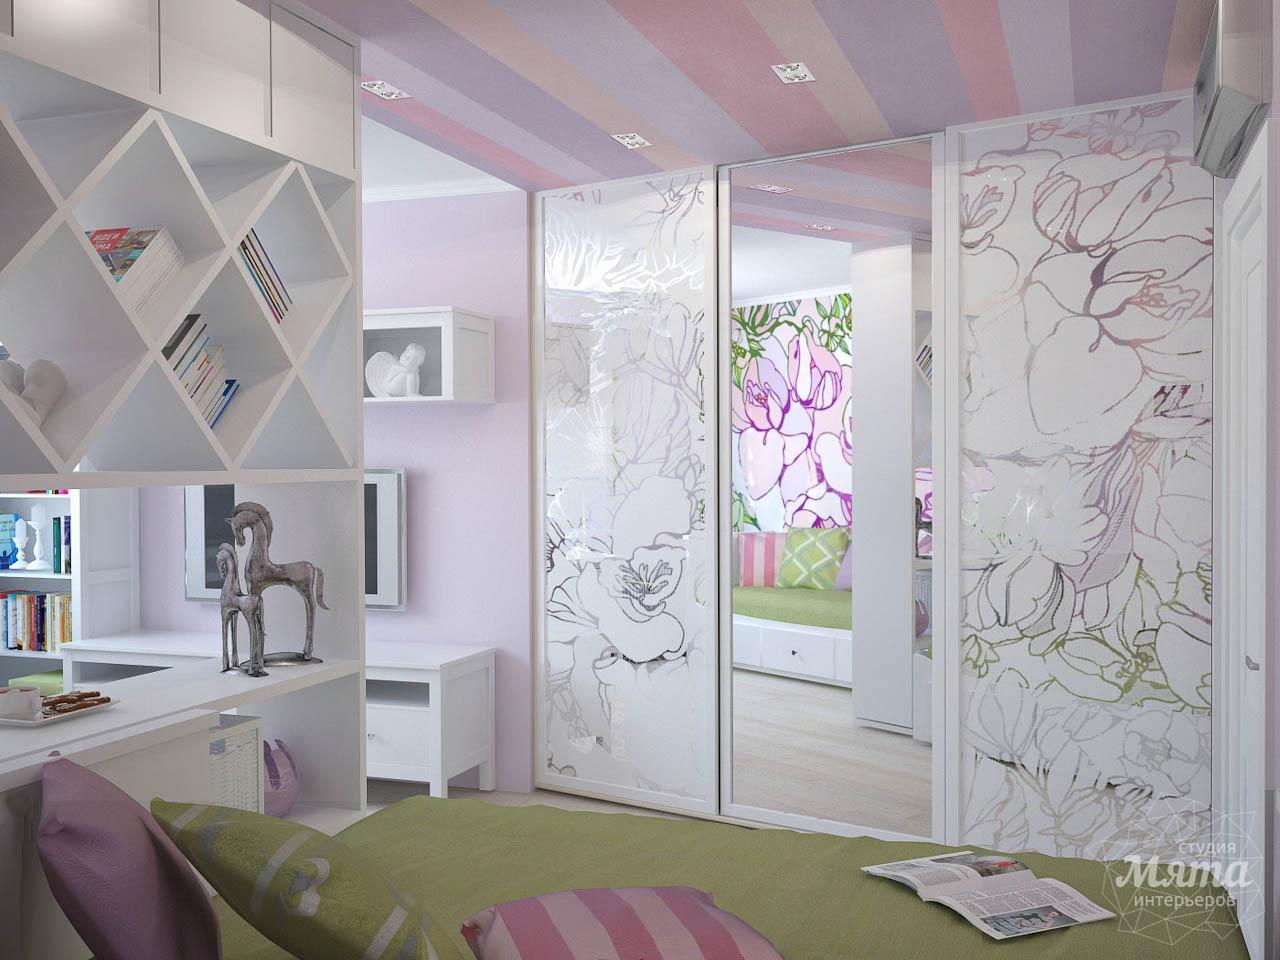 Дизайн интерьера и ремонт трехкомнатной квартиры по ул. Фучика 9 img1302289167